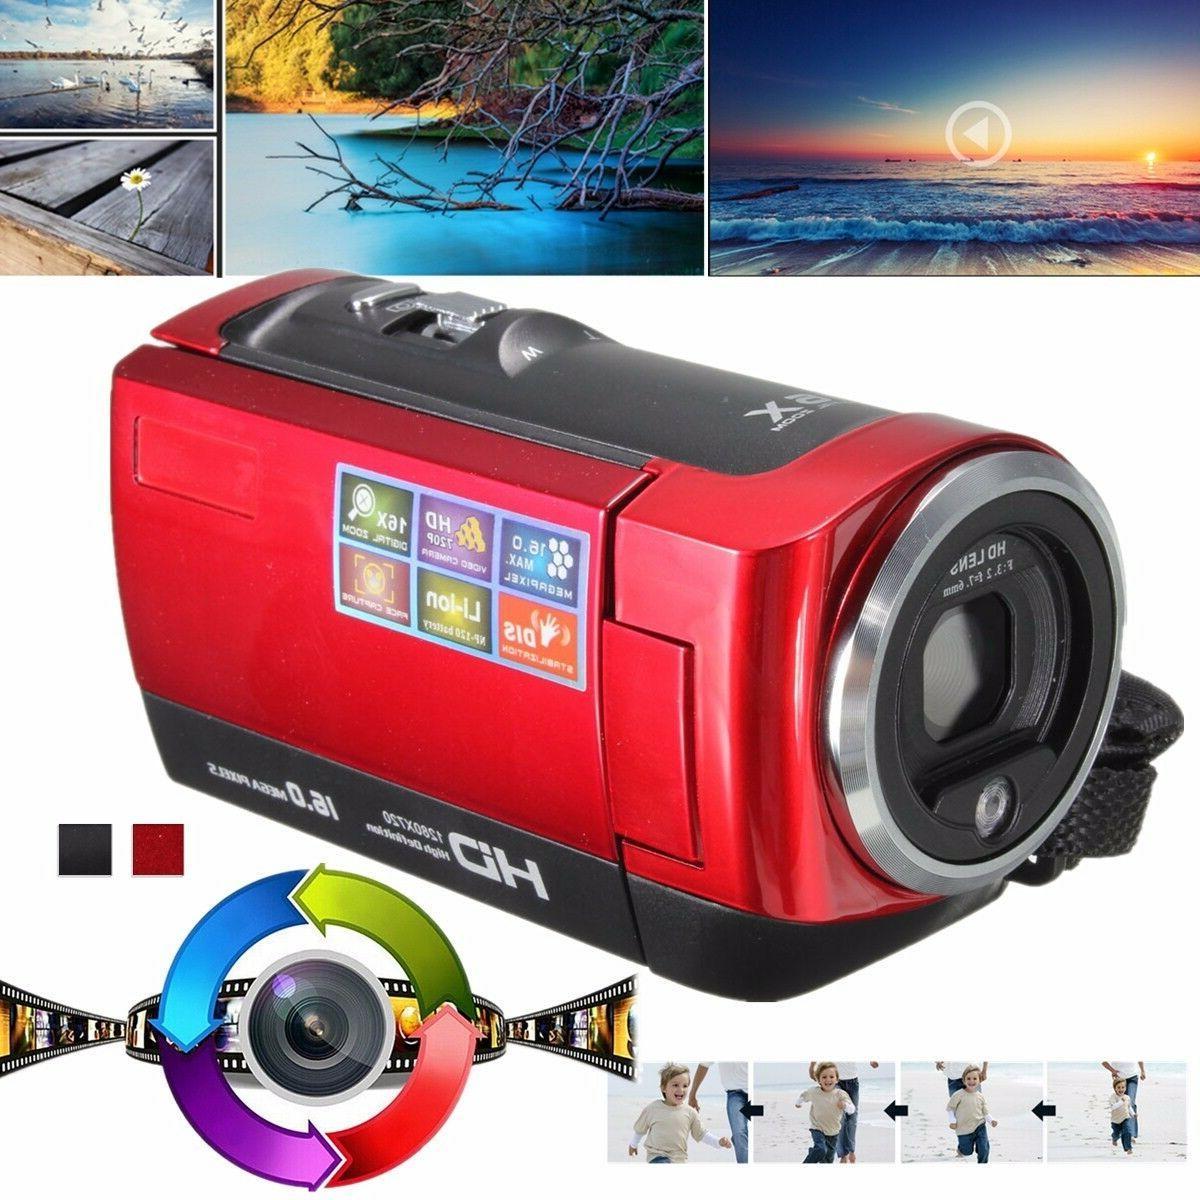 Portable Video DV Camcorder 16MP Zoom & Kit